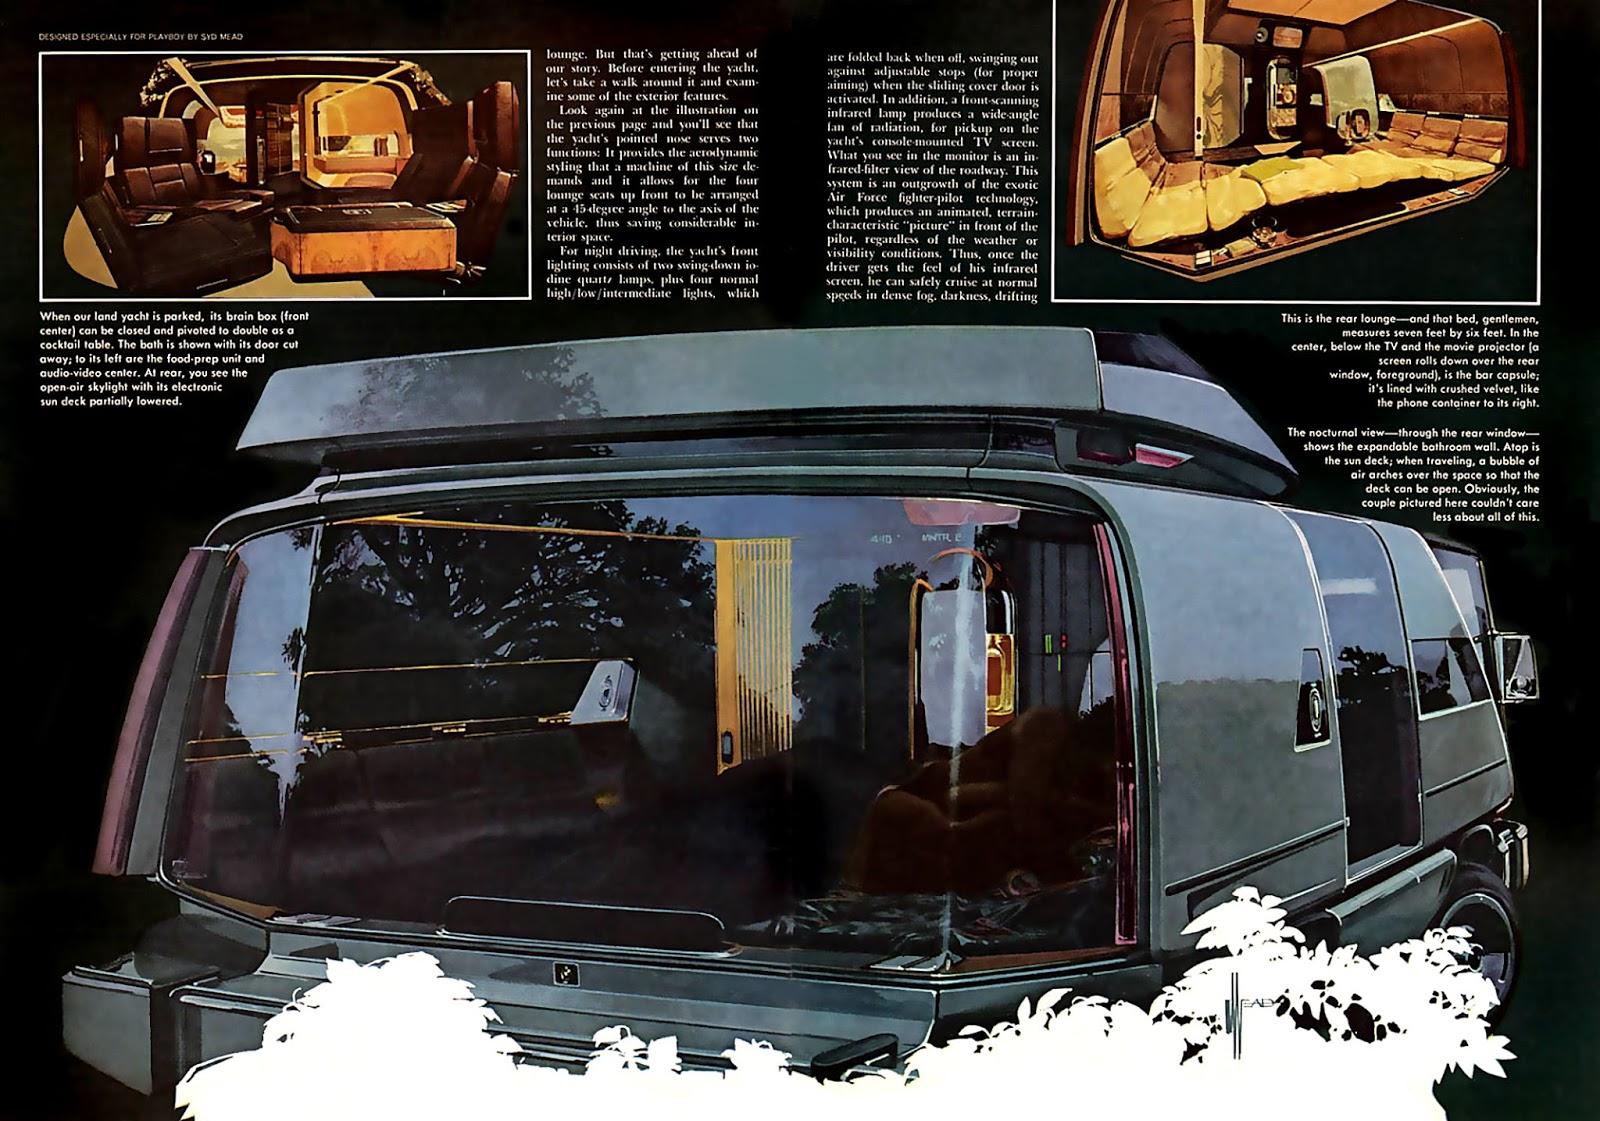 Van futuriste commandé par le magazine Playboy, 1976